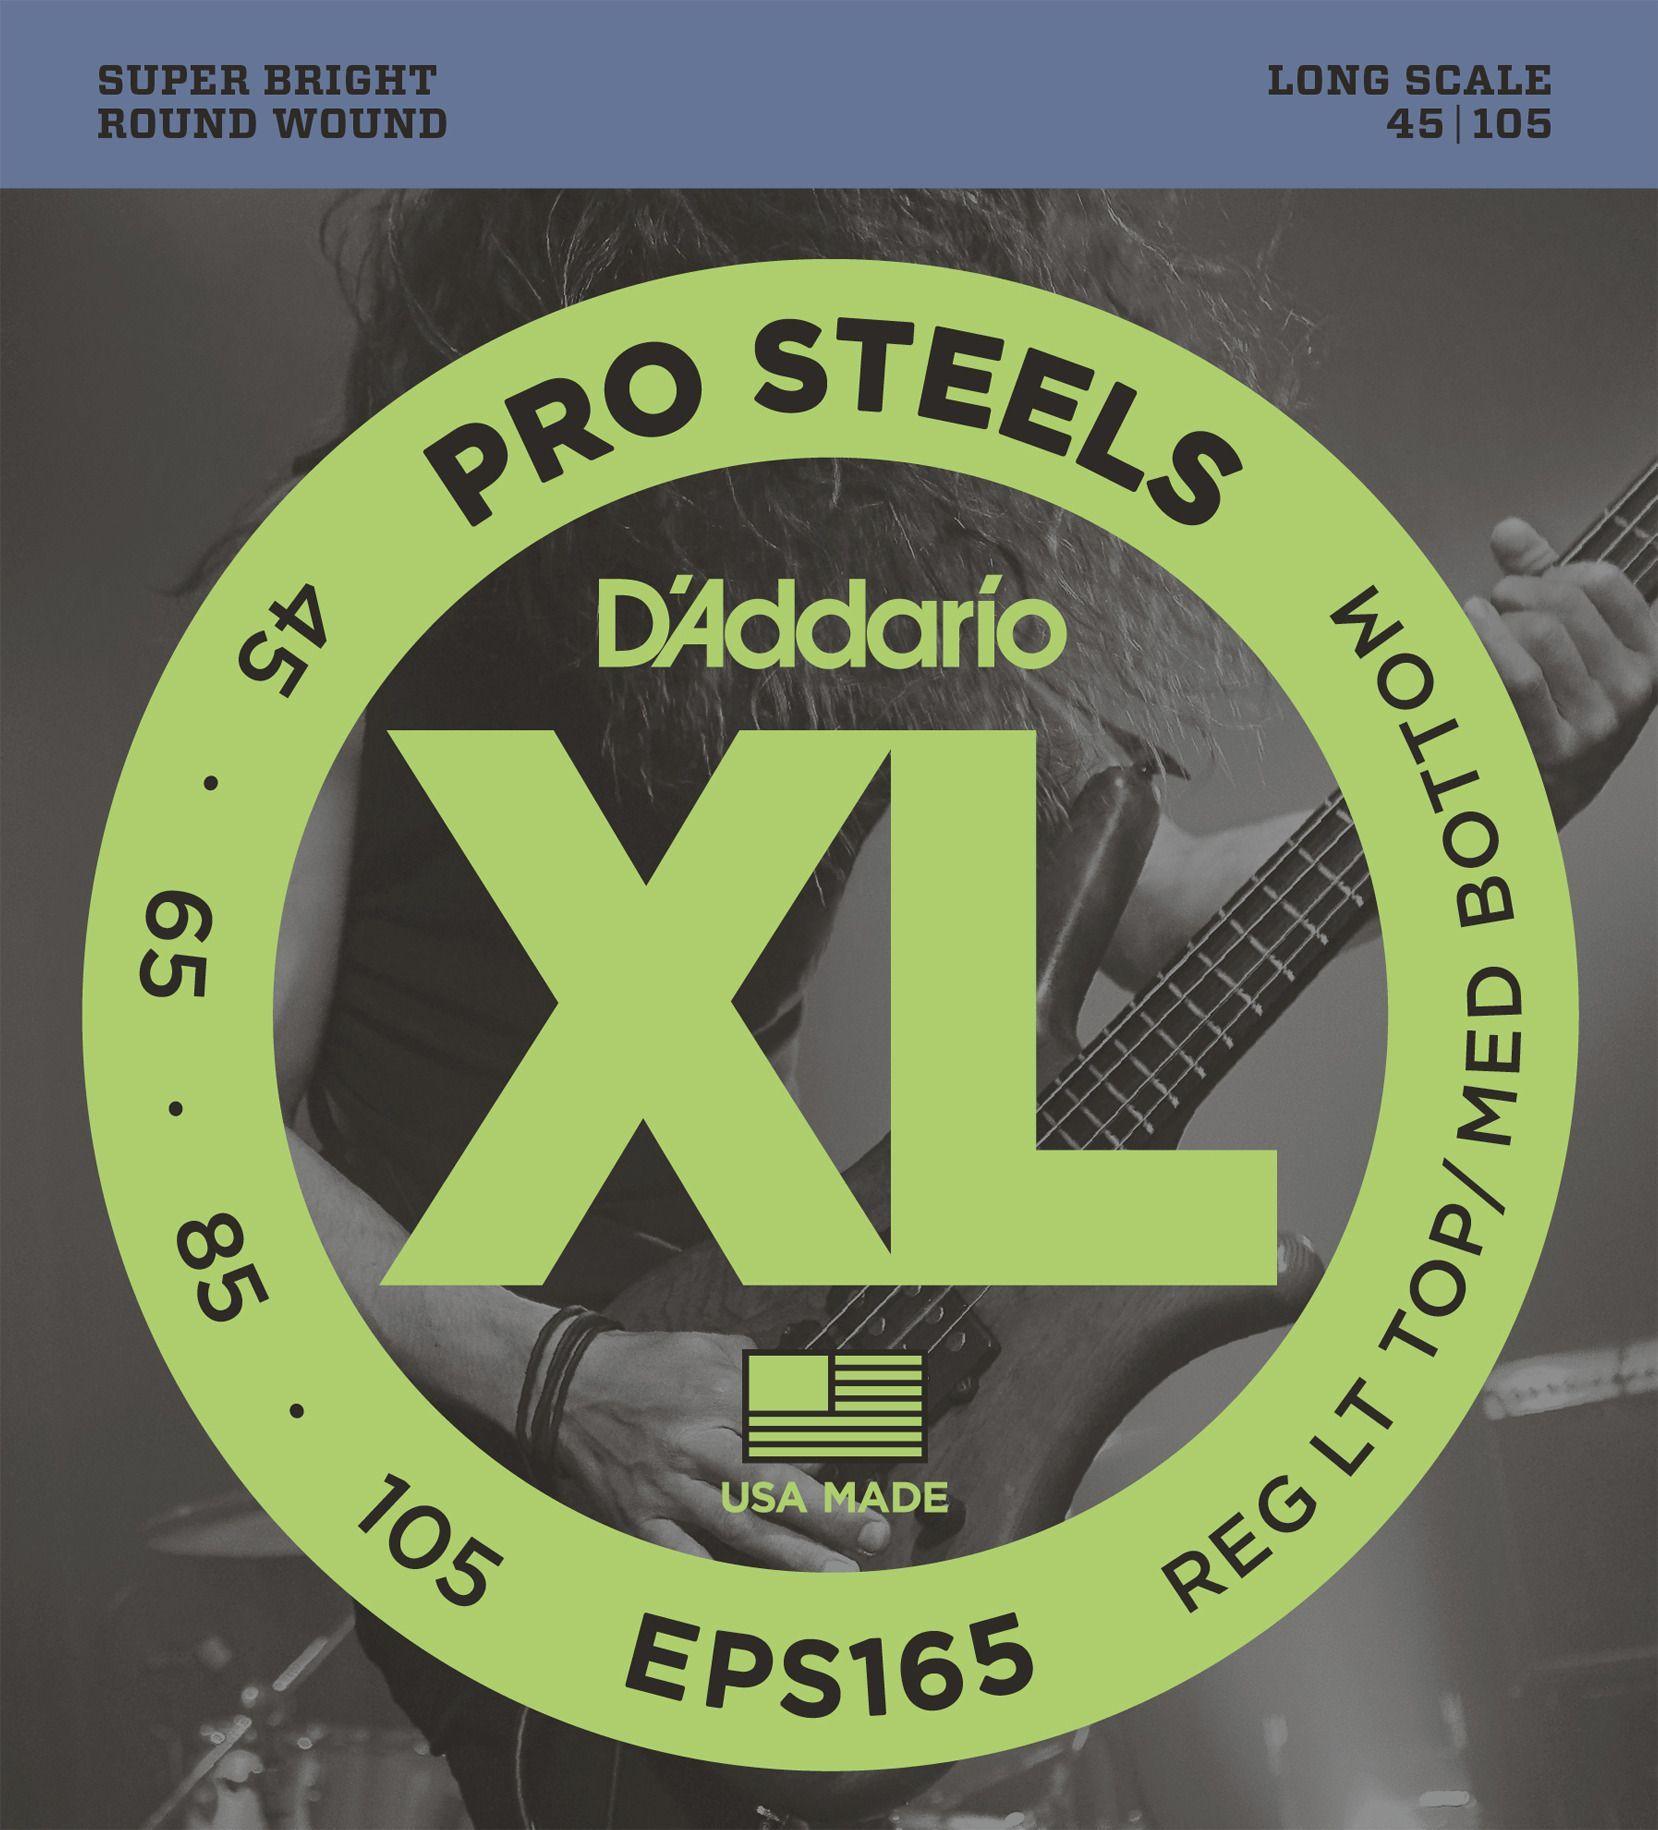 D'Addario E-Bass Saiten EPS165, Prosteels 4 String Bass 045-105